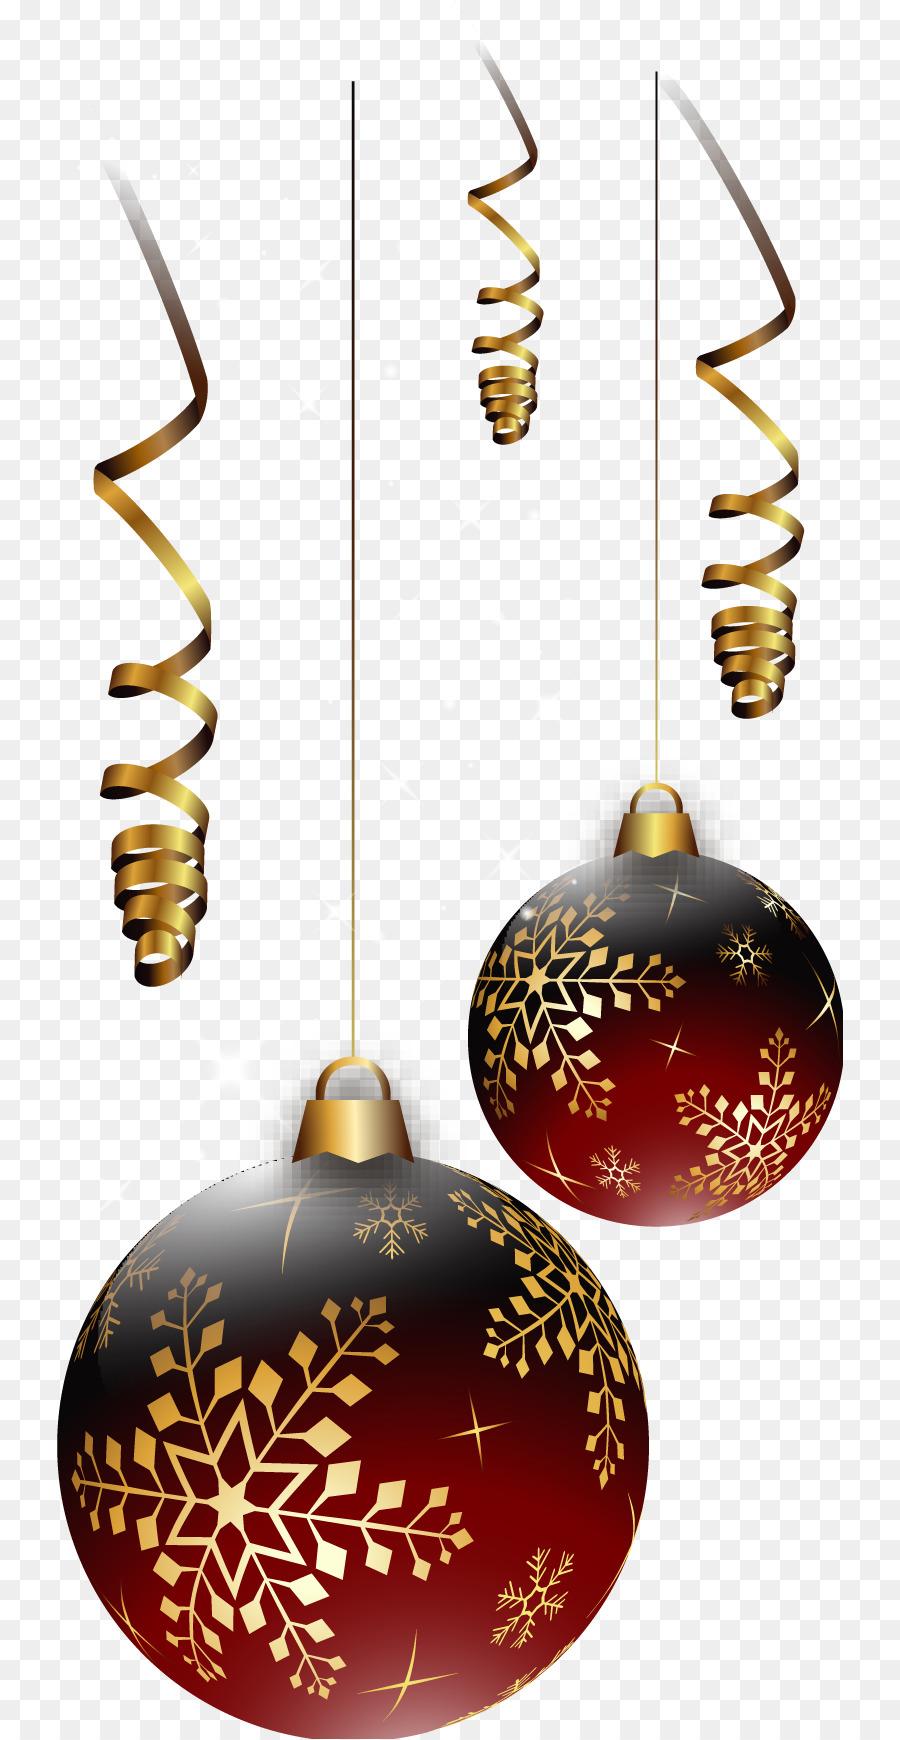 Descarga gratuita de Adorno De Navidad, Decoración De La Navidad, Oropel Imágen de Png